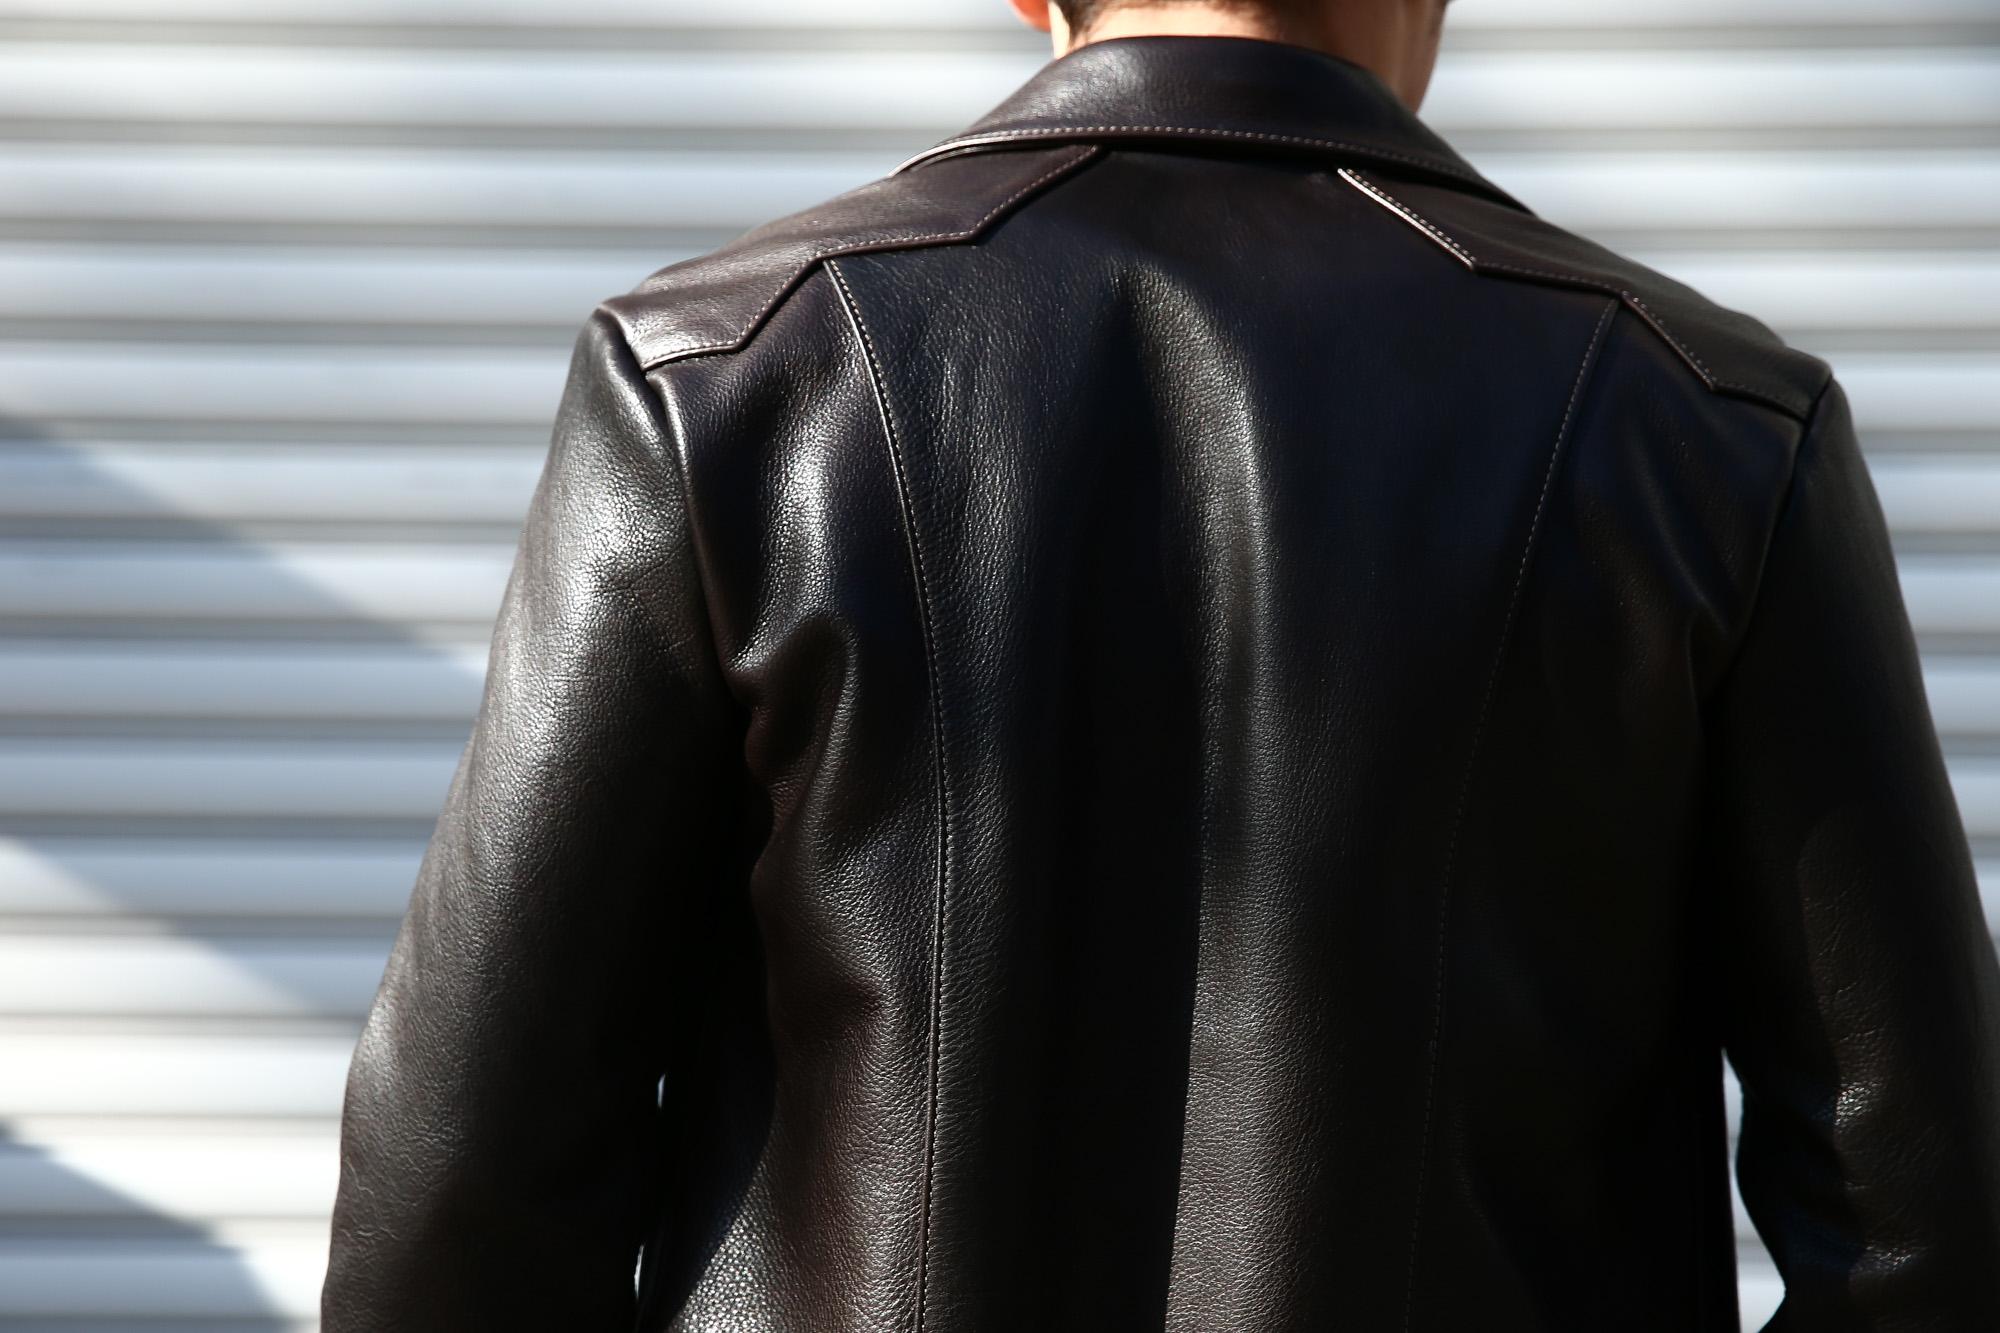 South Paradiso Leather(サウスパラディソレザー) East West イーストウエスト 【WINCHESTER //// ウィンチェスター】 Cow Hide Leather カウハイドレザー レザージャケット DARK BROWN(ダークブラウン) MADE IN USA(アメリカ製) のコーディネート画像、愛知 名古屋 ZOIDAC ゾディアック サウスパラディソ パラディソ レザー ヴィンテージ ビンテージ